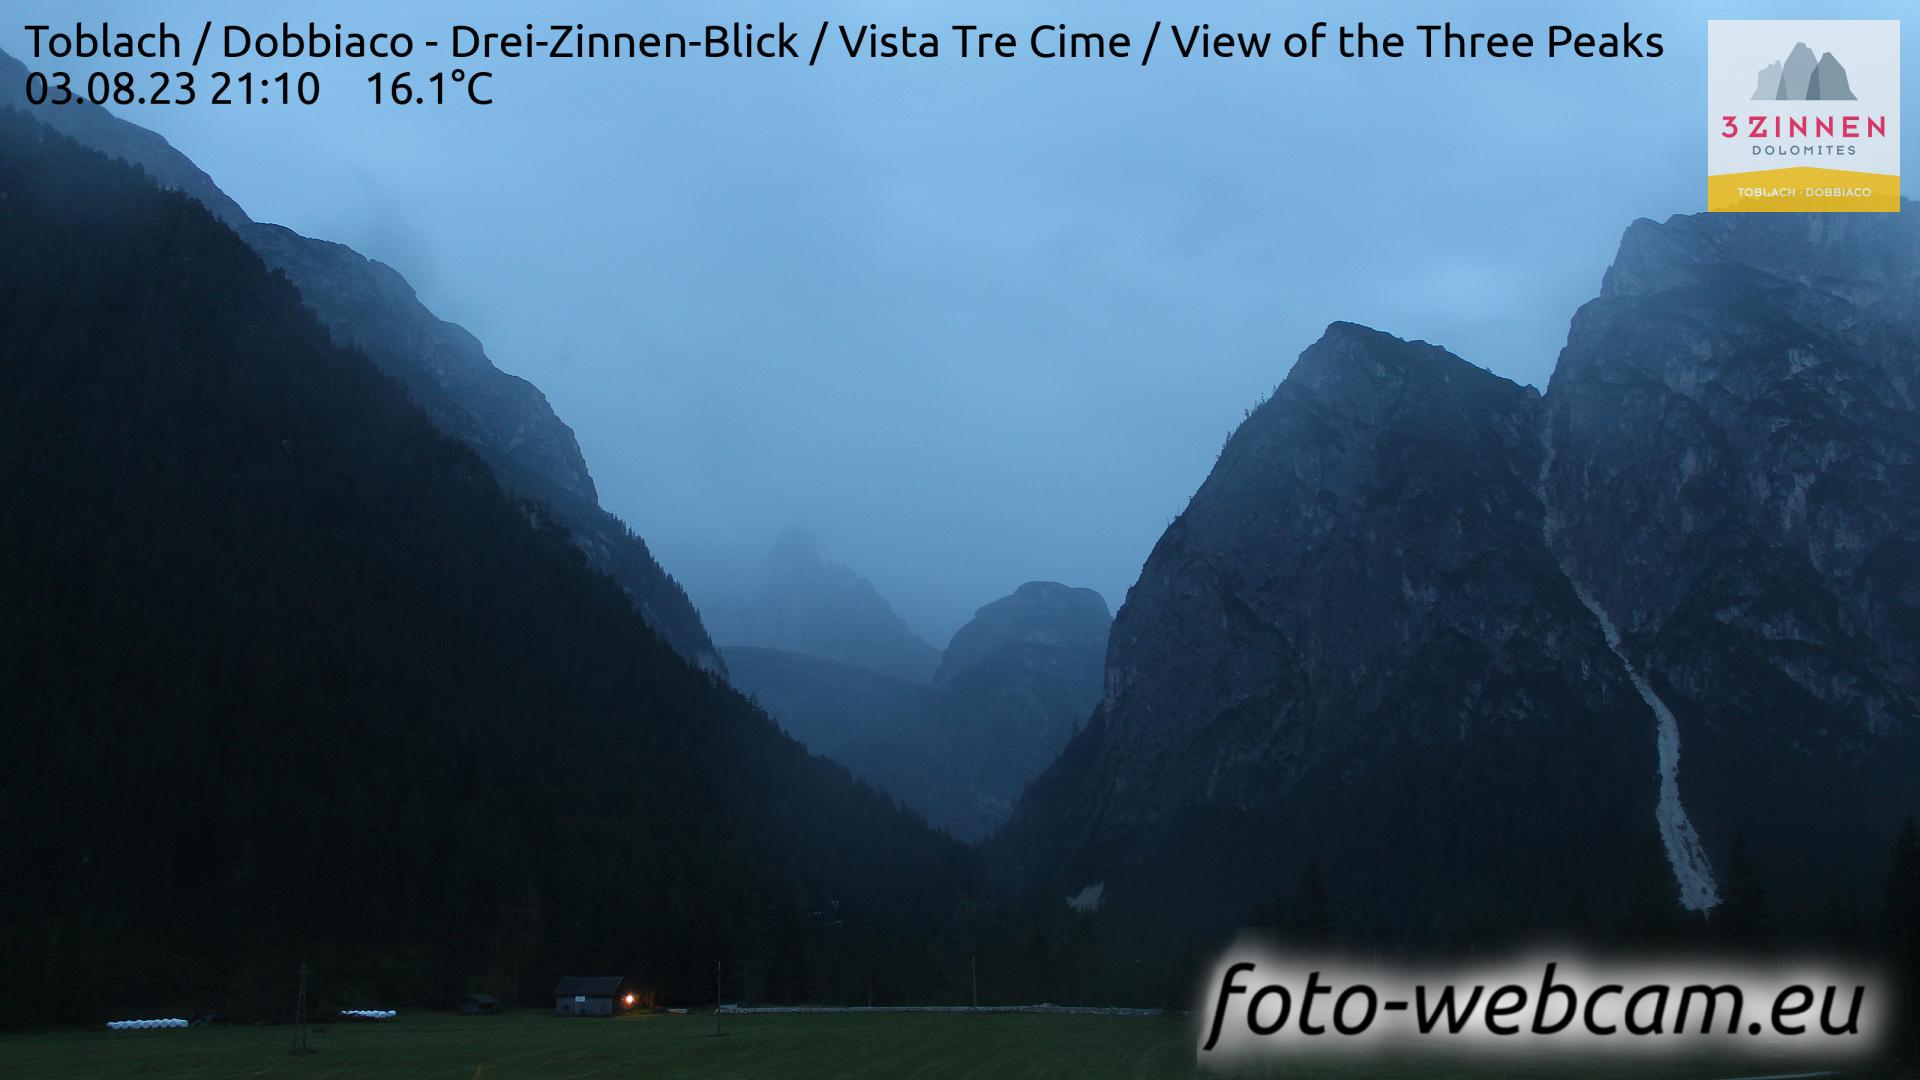 Toblach (Dolomites) Mon. 21:27